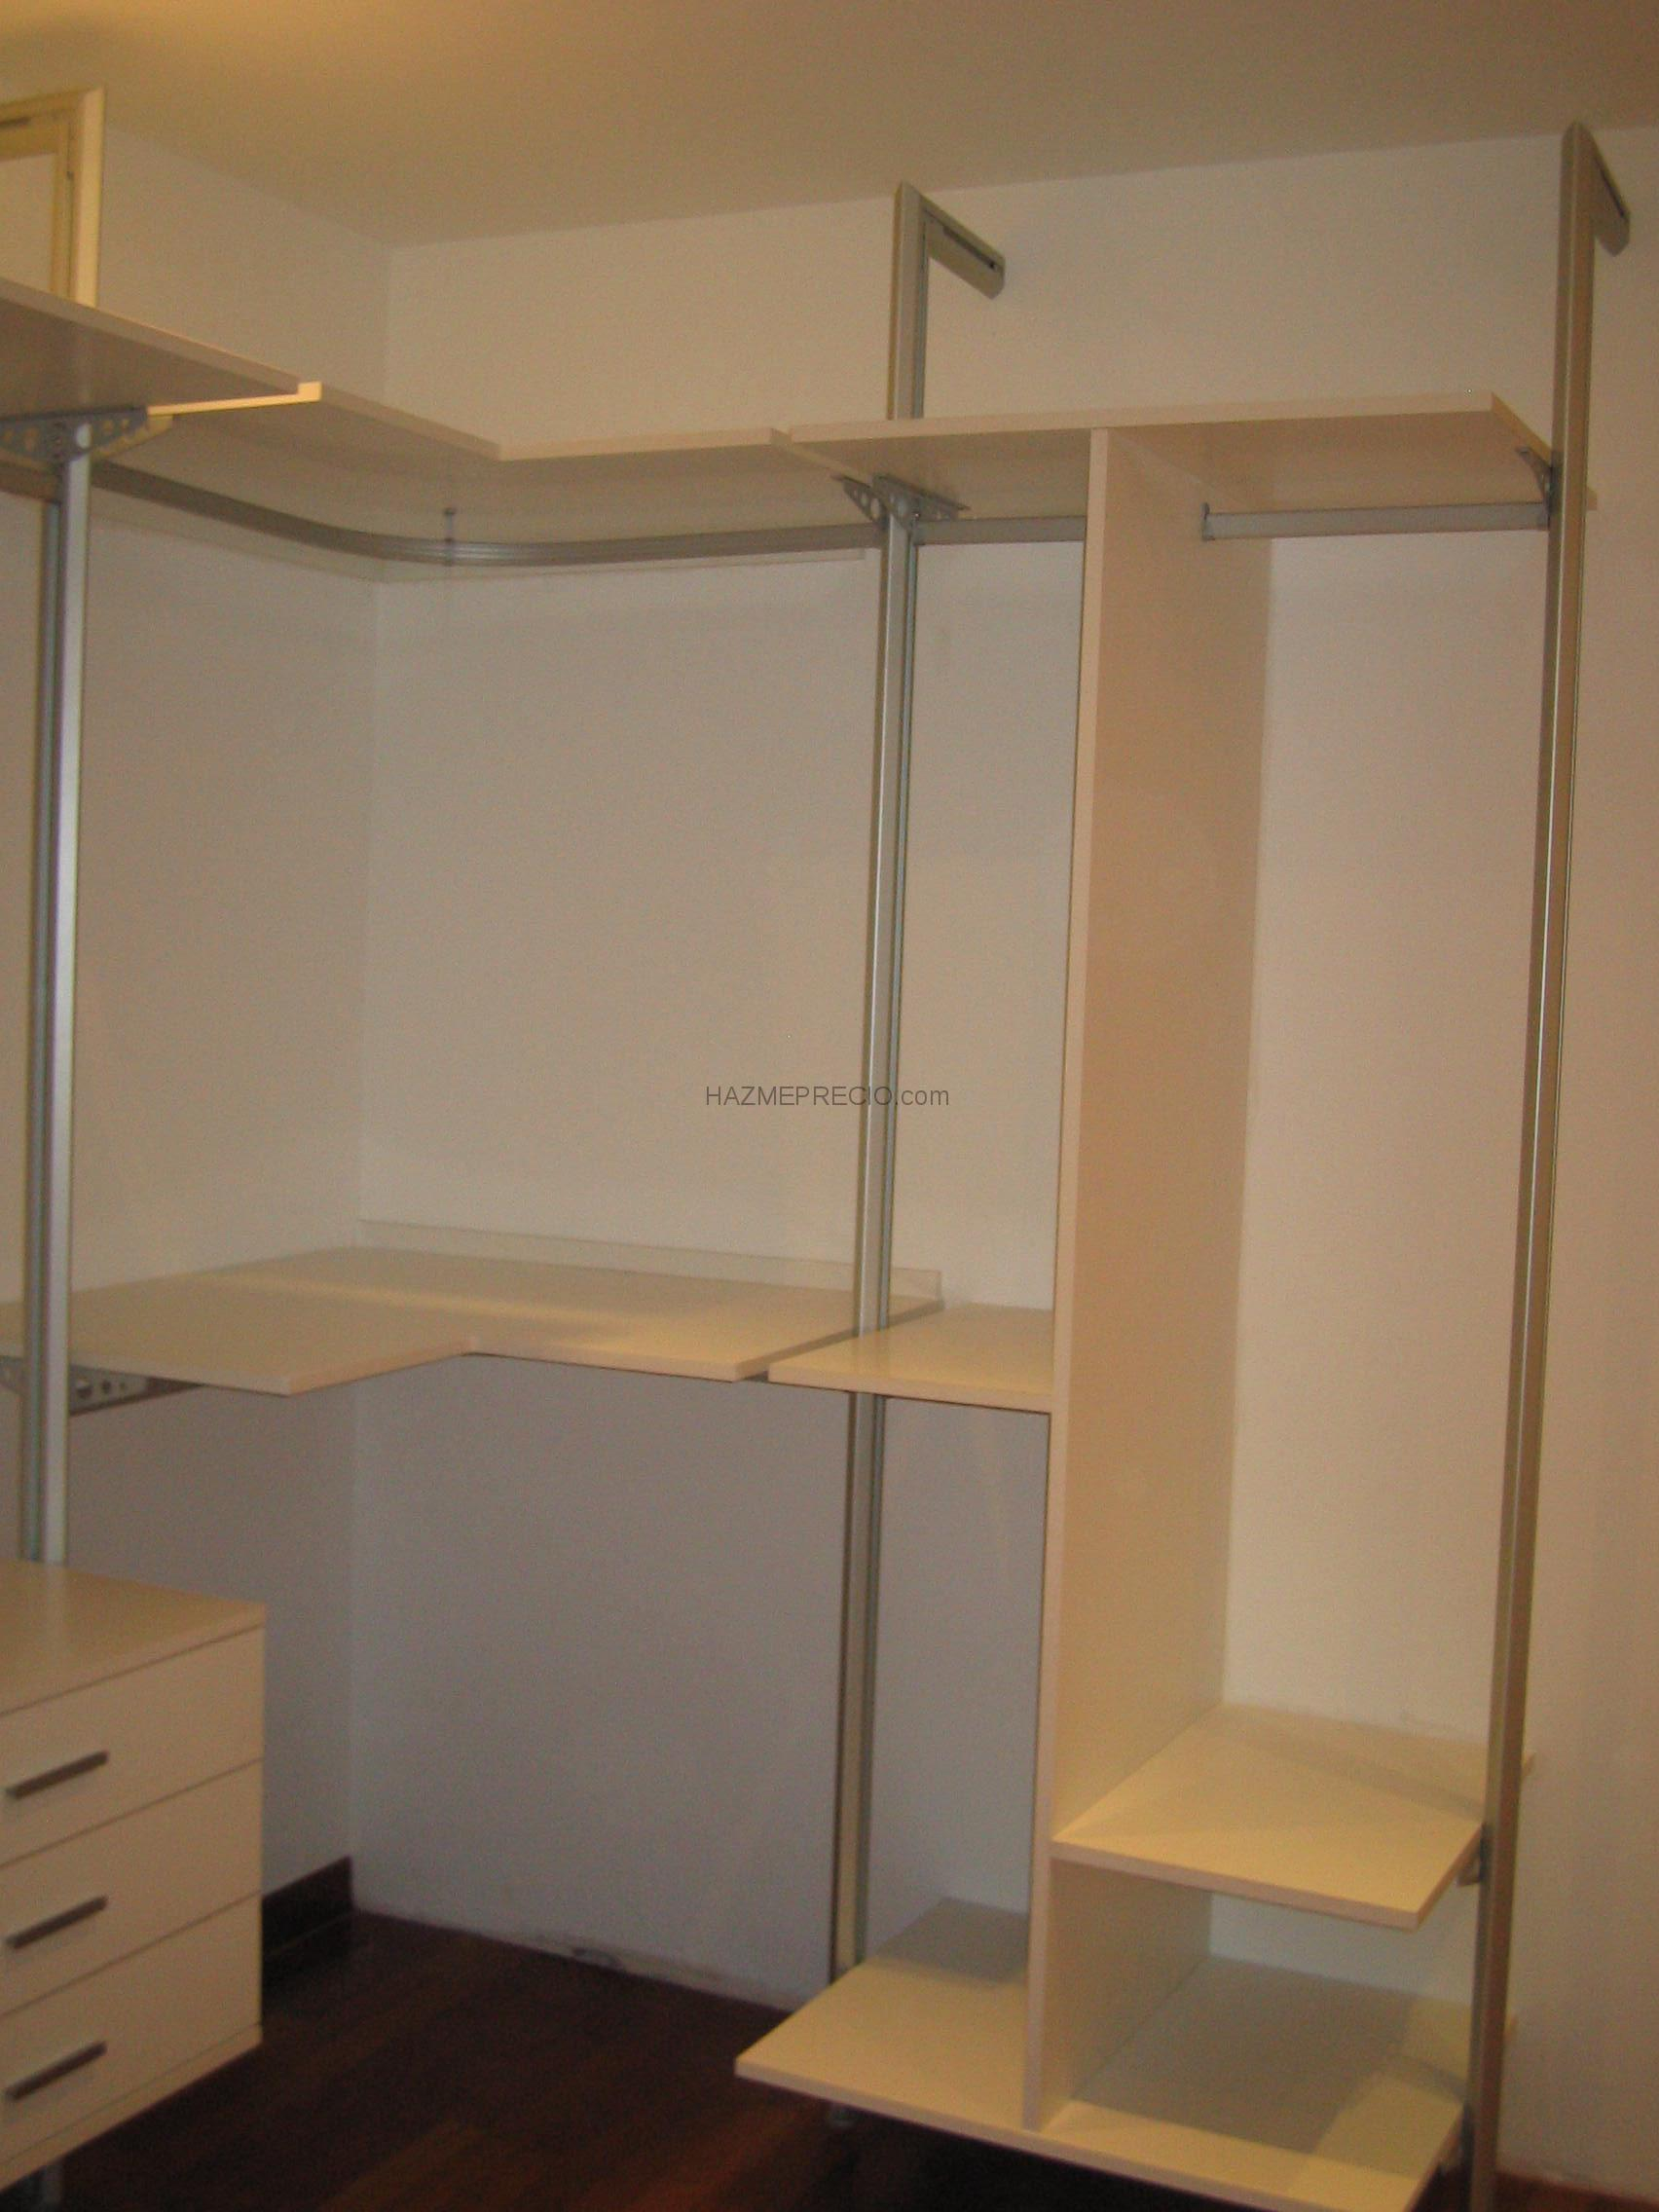 Presupuesto para montar muebles de cocina sueca for Montar muebles de cocina